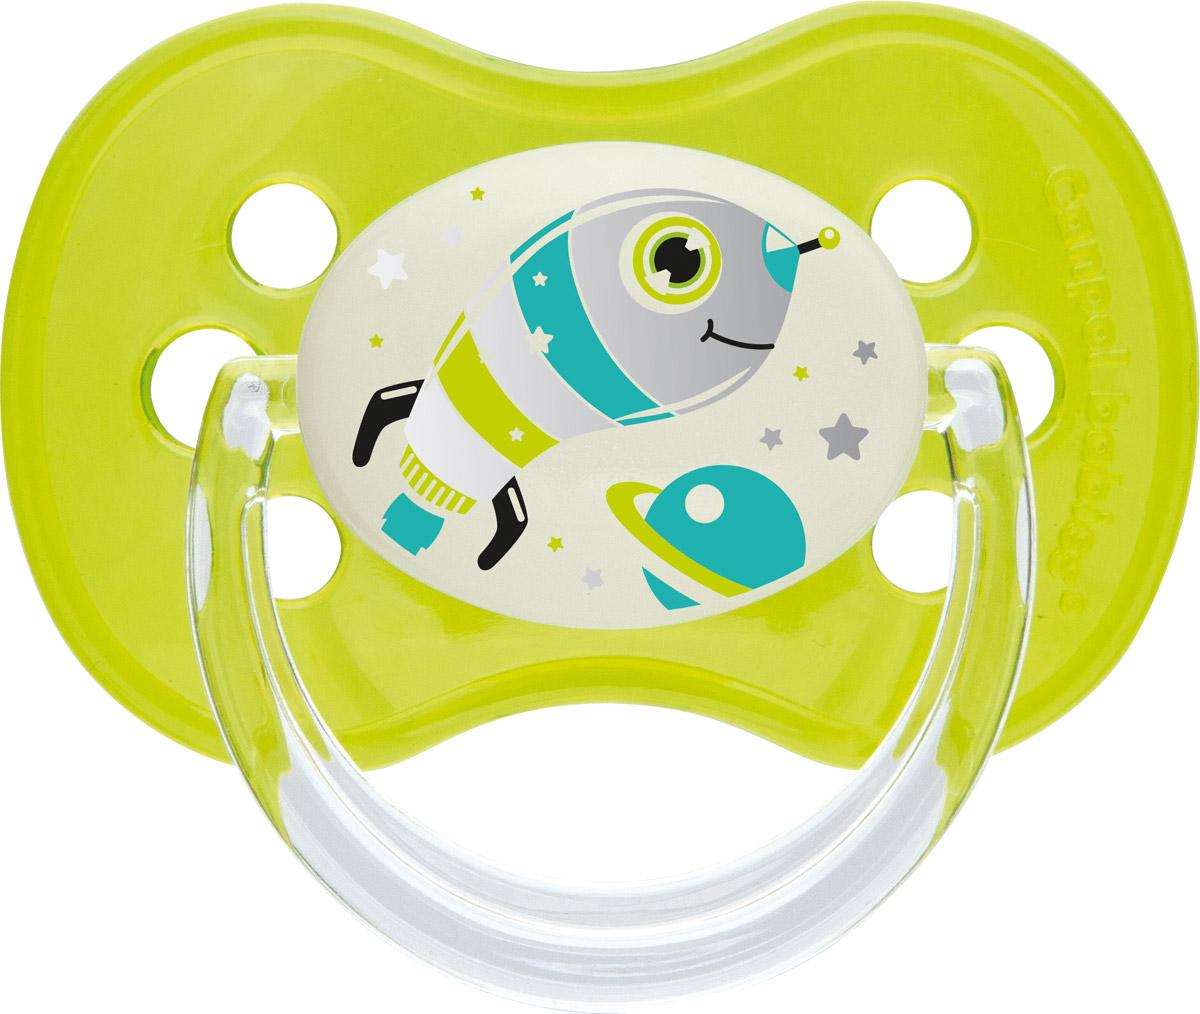 Canpol Babies Пустышка силиконовая круглая Space Mission от 6 до 18 месяцев цвет зеленый canpol babies пустышка латексная space от 6 до 18 месяцев цвет фиолетовый